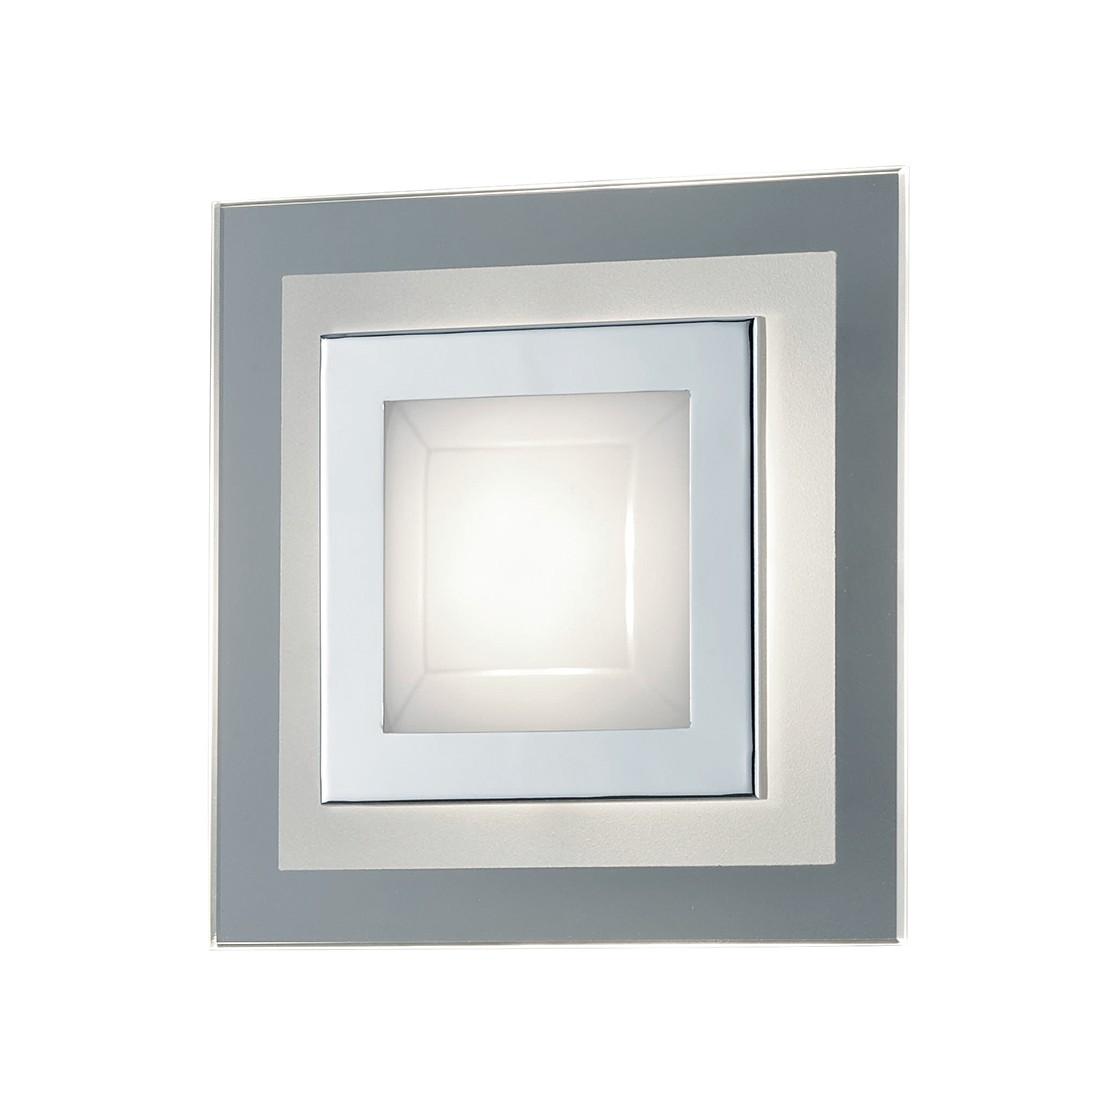 LED-Wandleuchte Pyramid ● Chrom ● 1x5 W- Lux